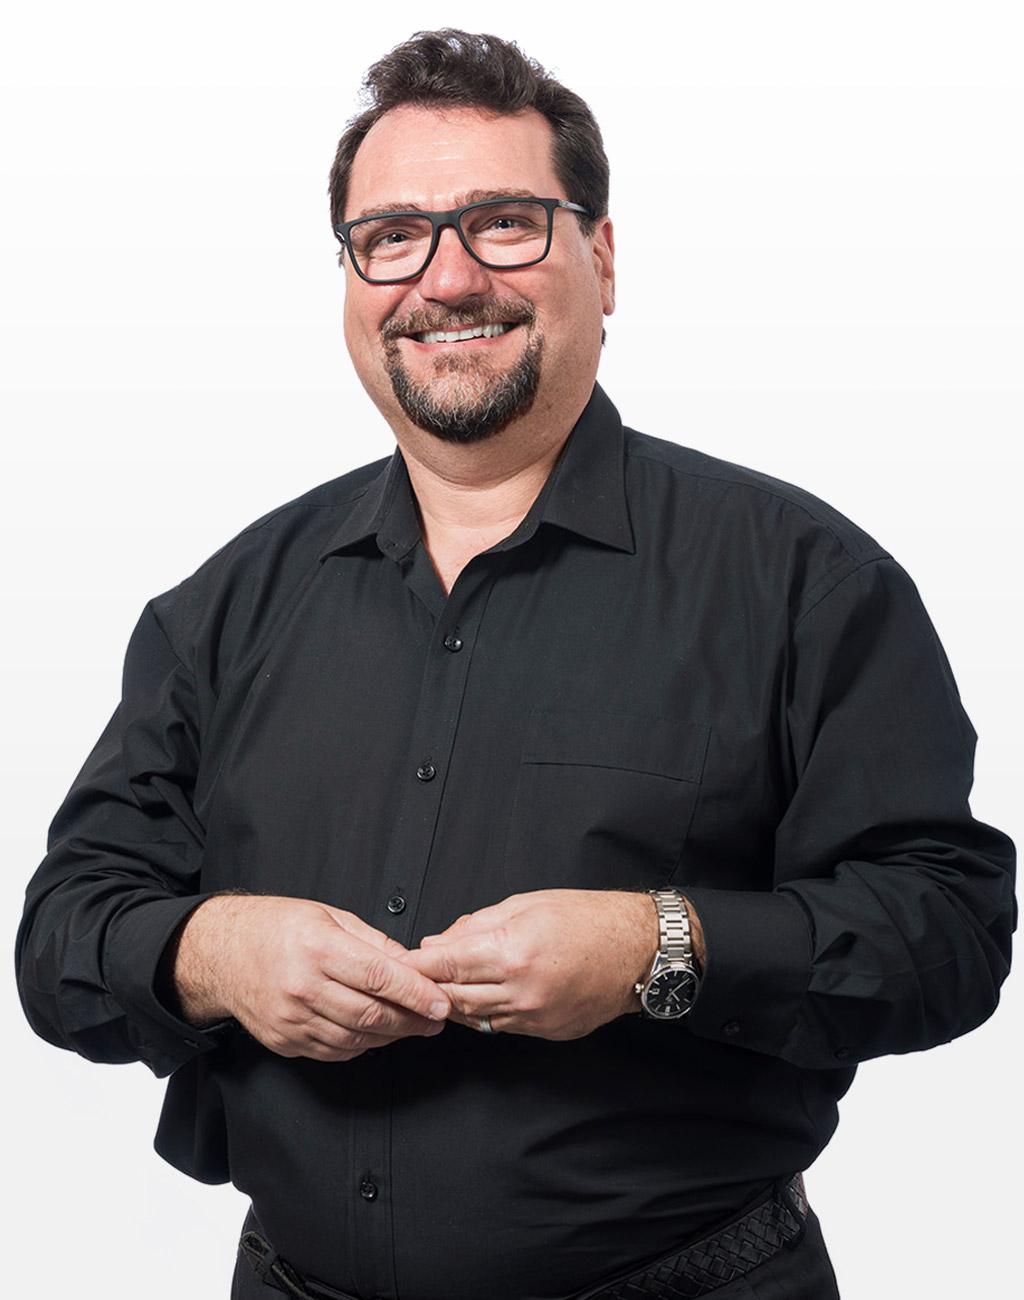 Anthony Palamara